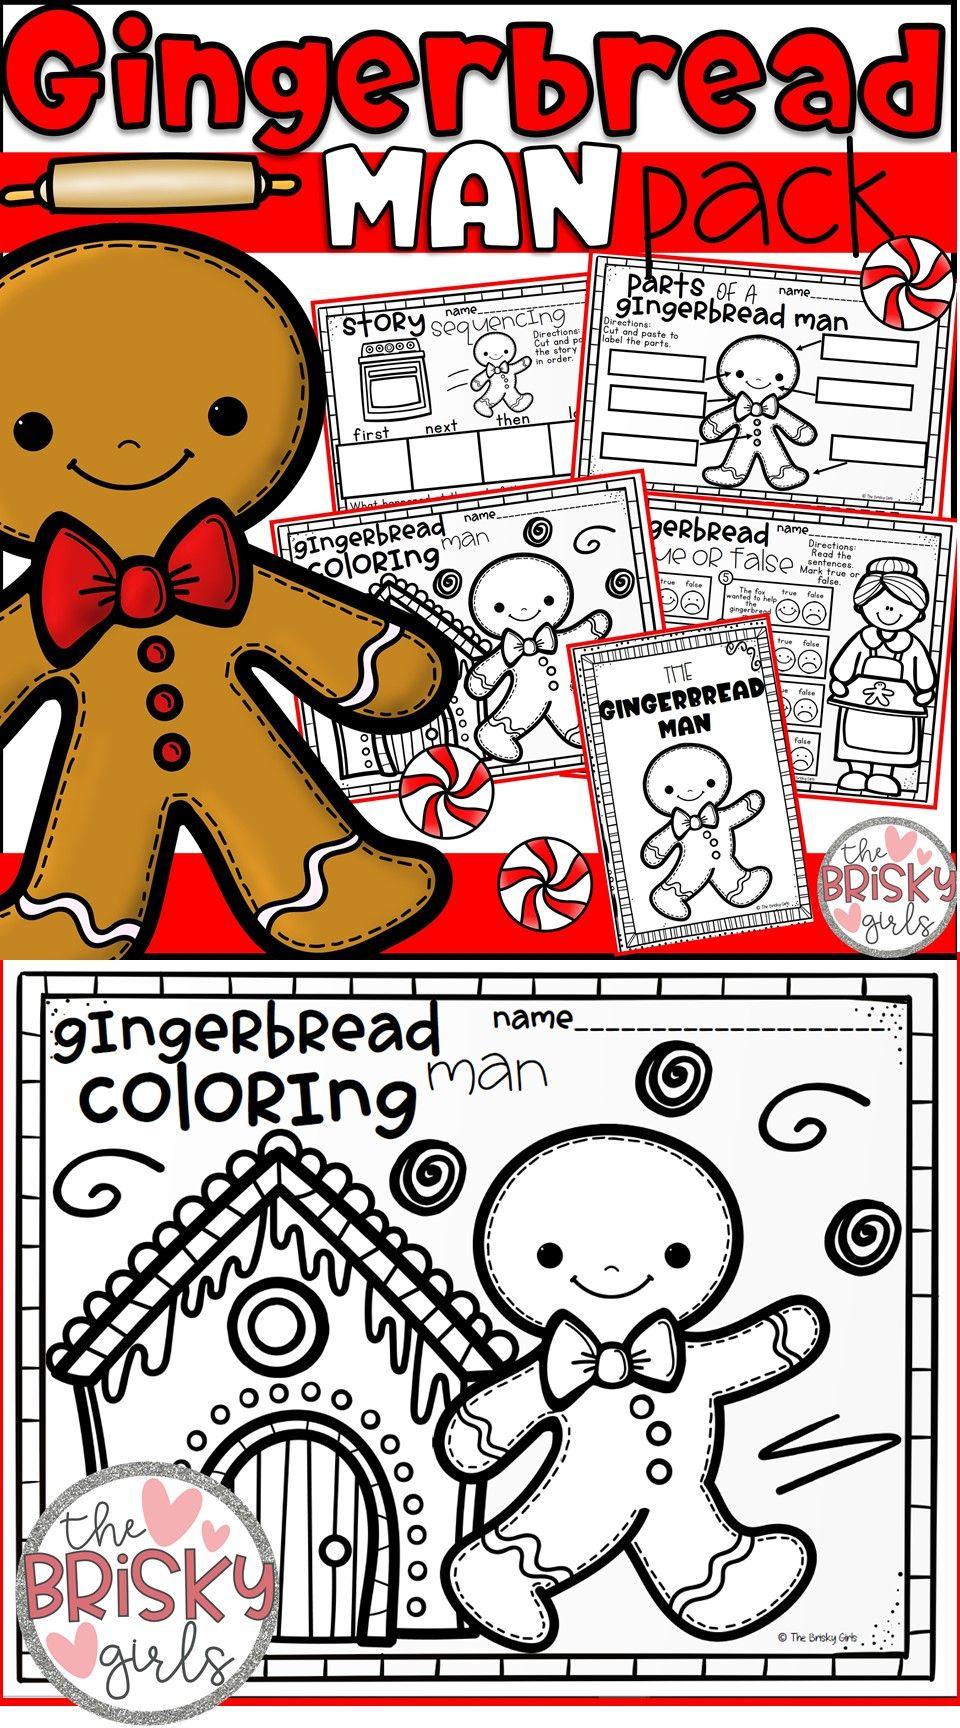 Gingerbread Man Activities In 2020 Preschool Christmas Activities Christmas Activities Gingerbread Man Activities [ 1728 x 960 Pixel ]